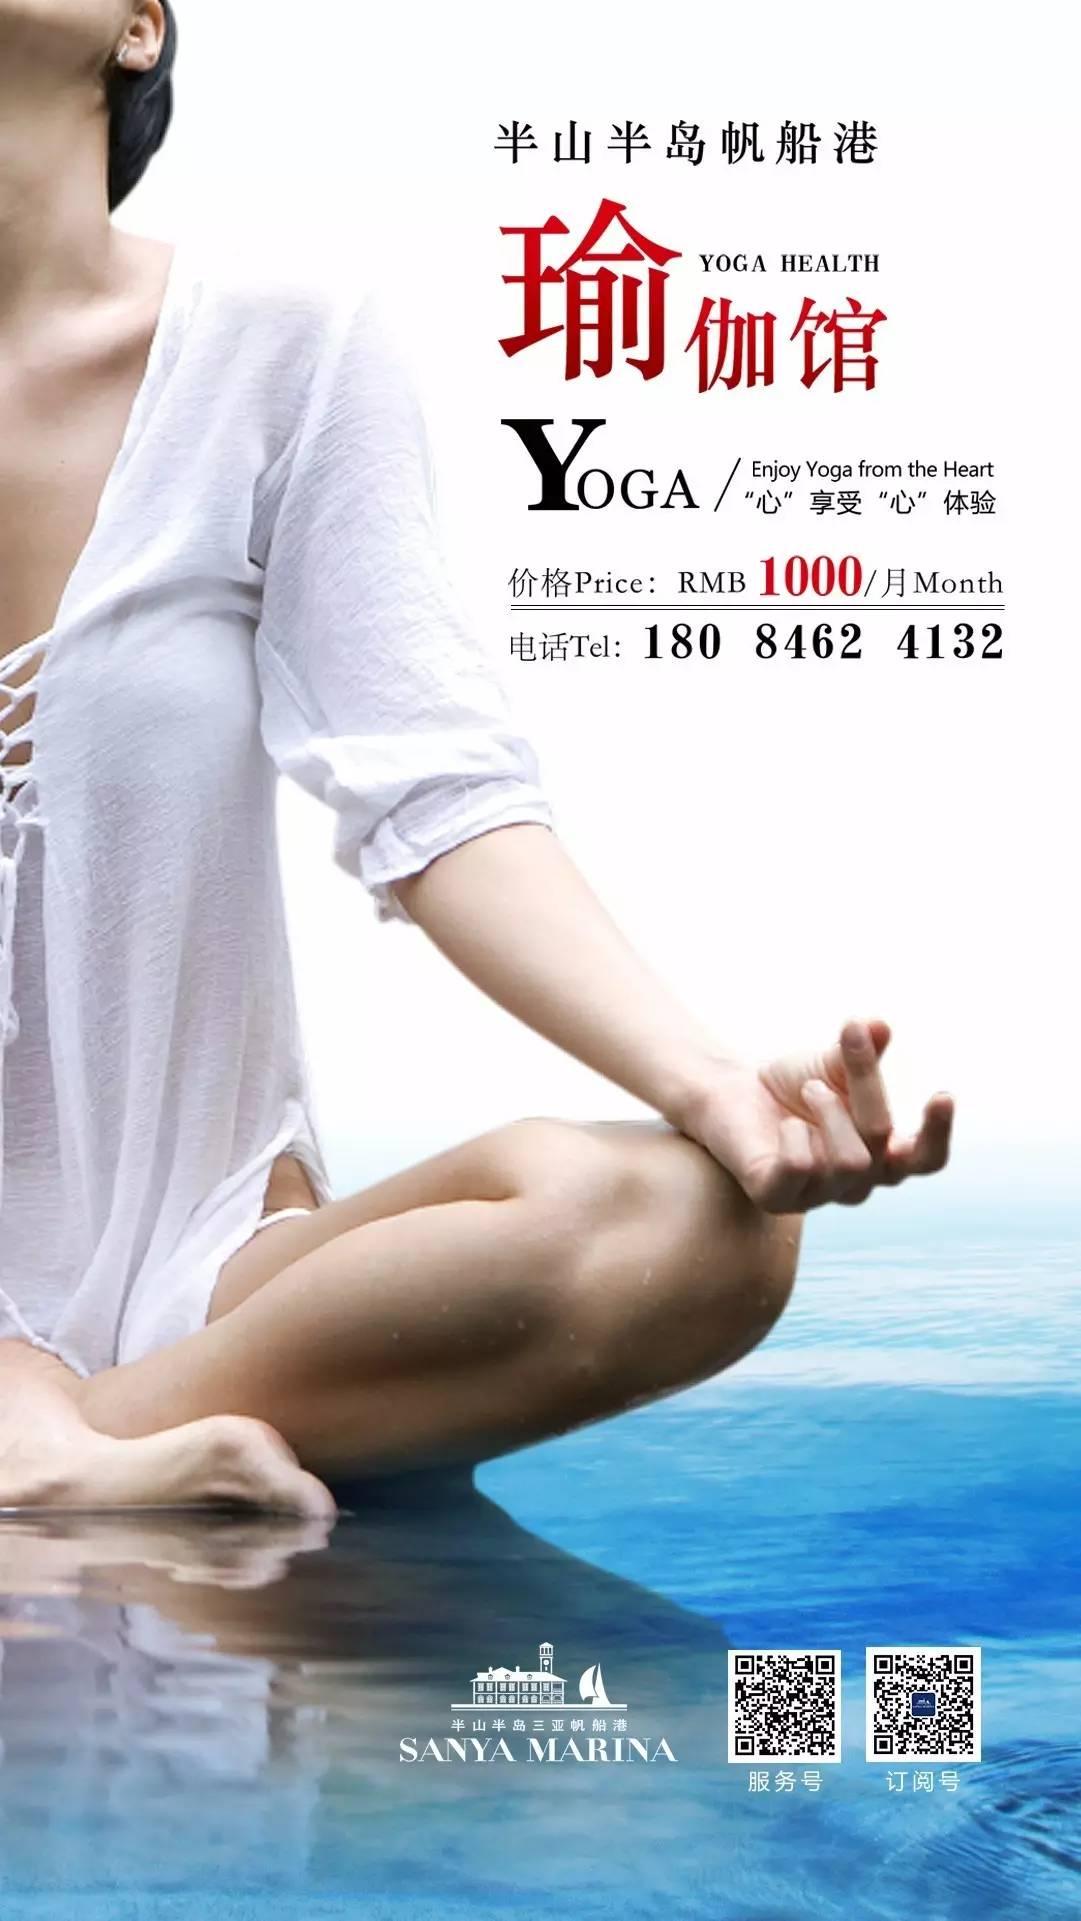 寻找最放松的方式做自己-半山半岛帆船港滨海瑜伽馆 c038bf82aa6995ee648c9dc400d75a0a.jpg